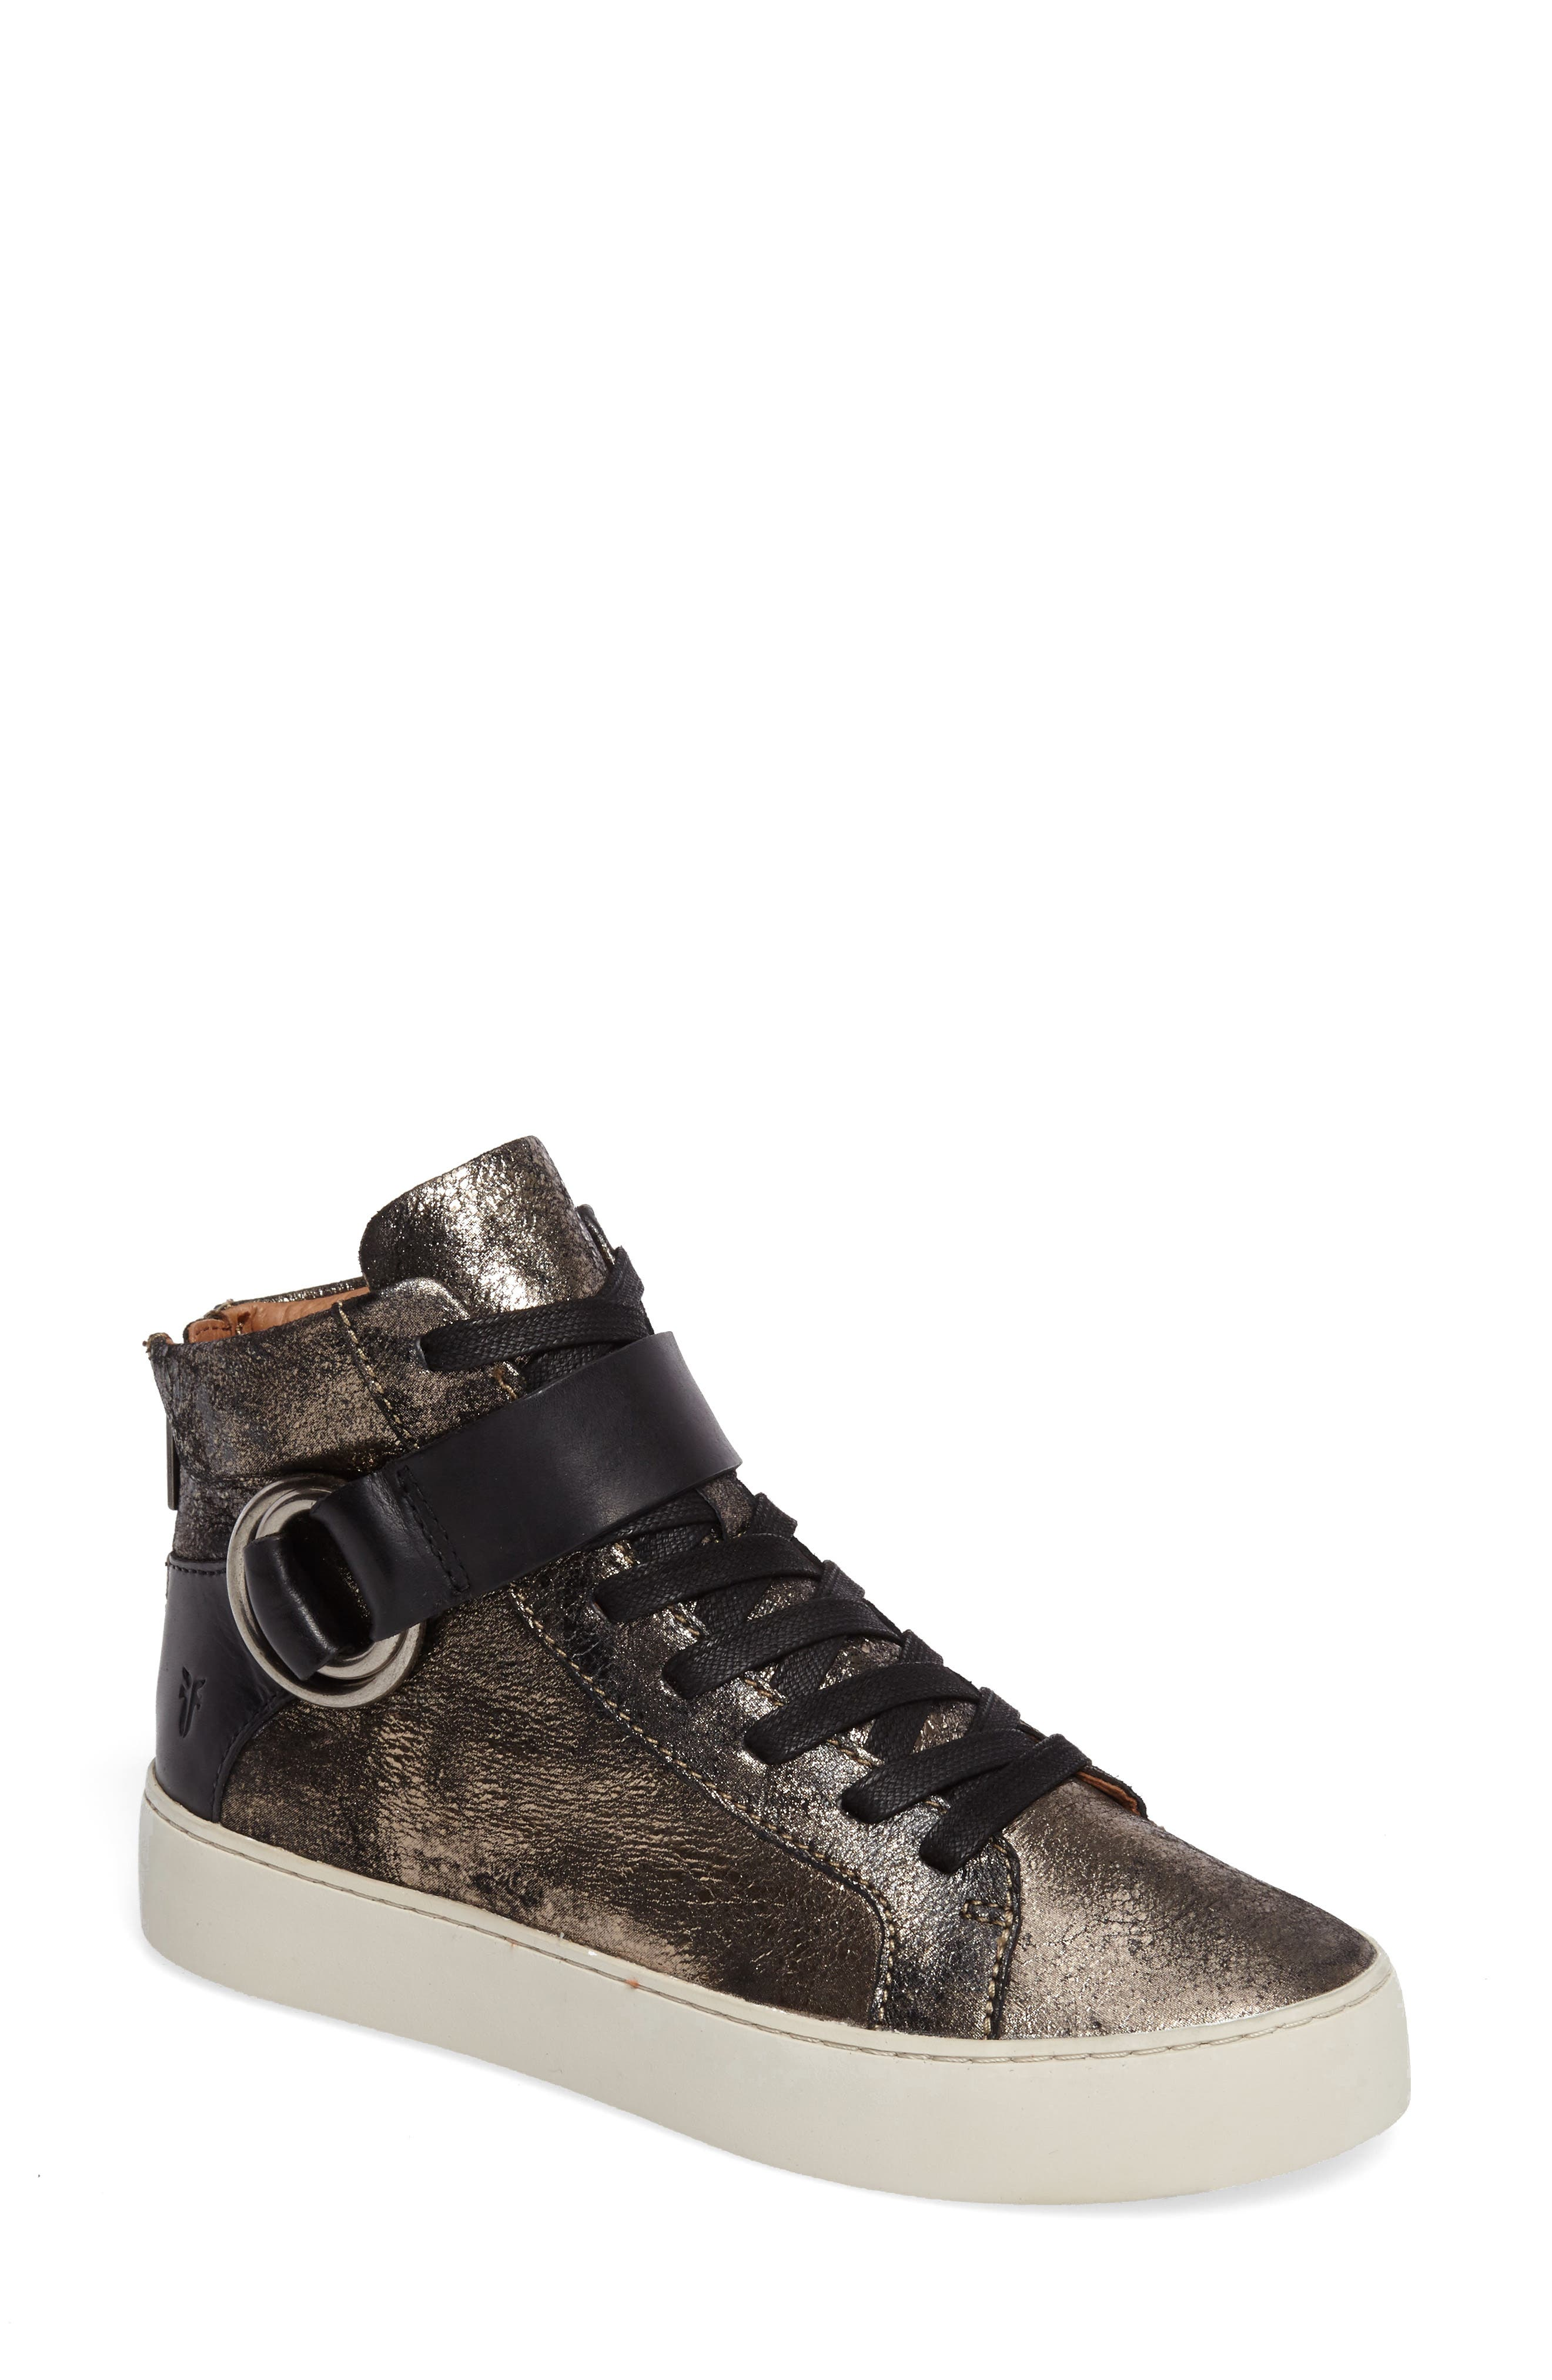 Lena Harness High Top Sneaker,                         Main,                         color, Gunmetal